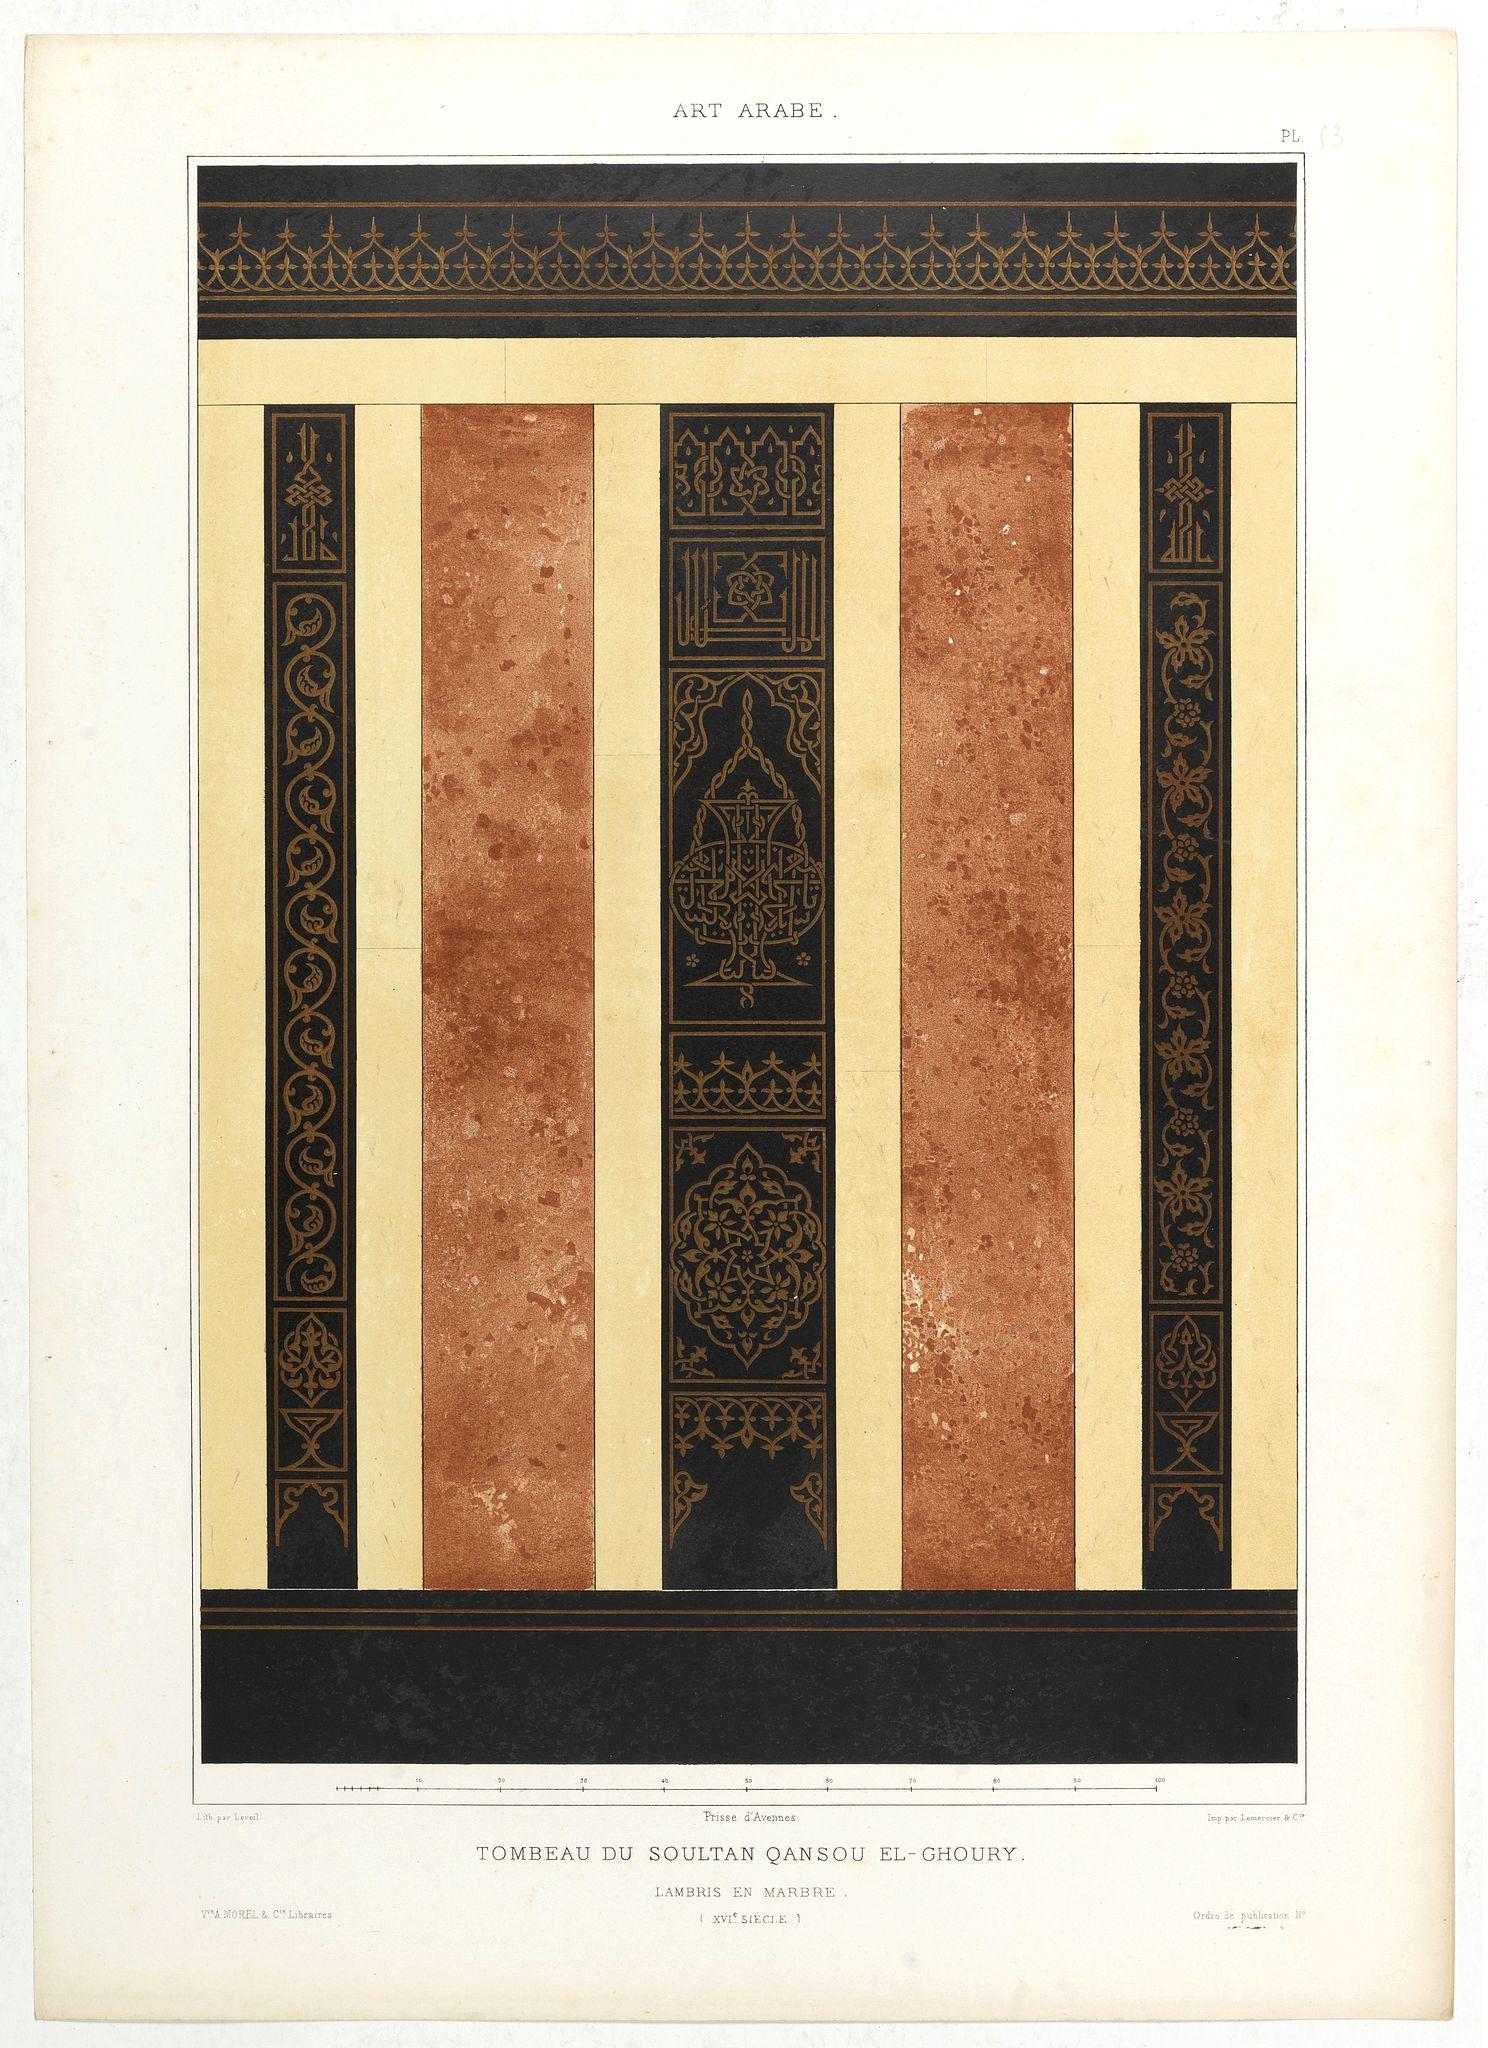 PRISSE D'AVENNES, E. -  Art arabe. - Tombeau du soultan qansou el-Ghoury.